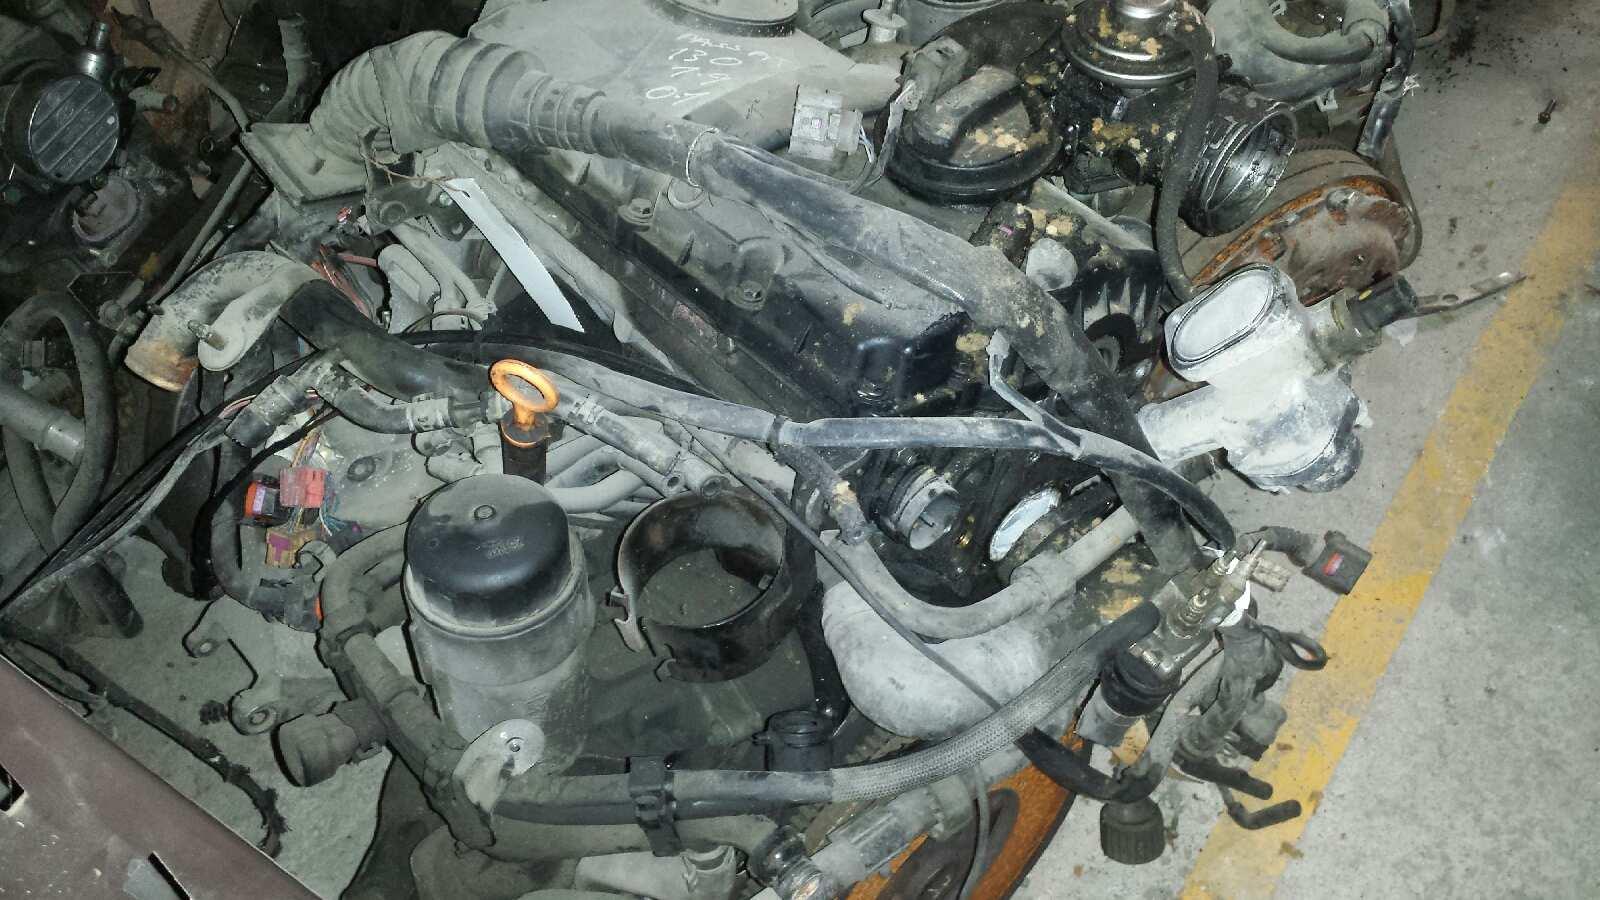 Motor completo de Volkswagen Passat berlina (3b3) (2000 - 2005)